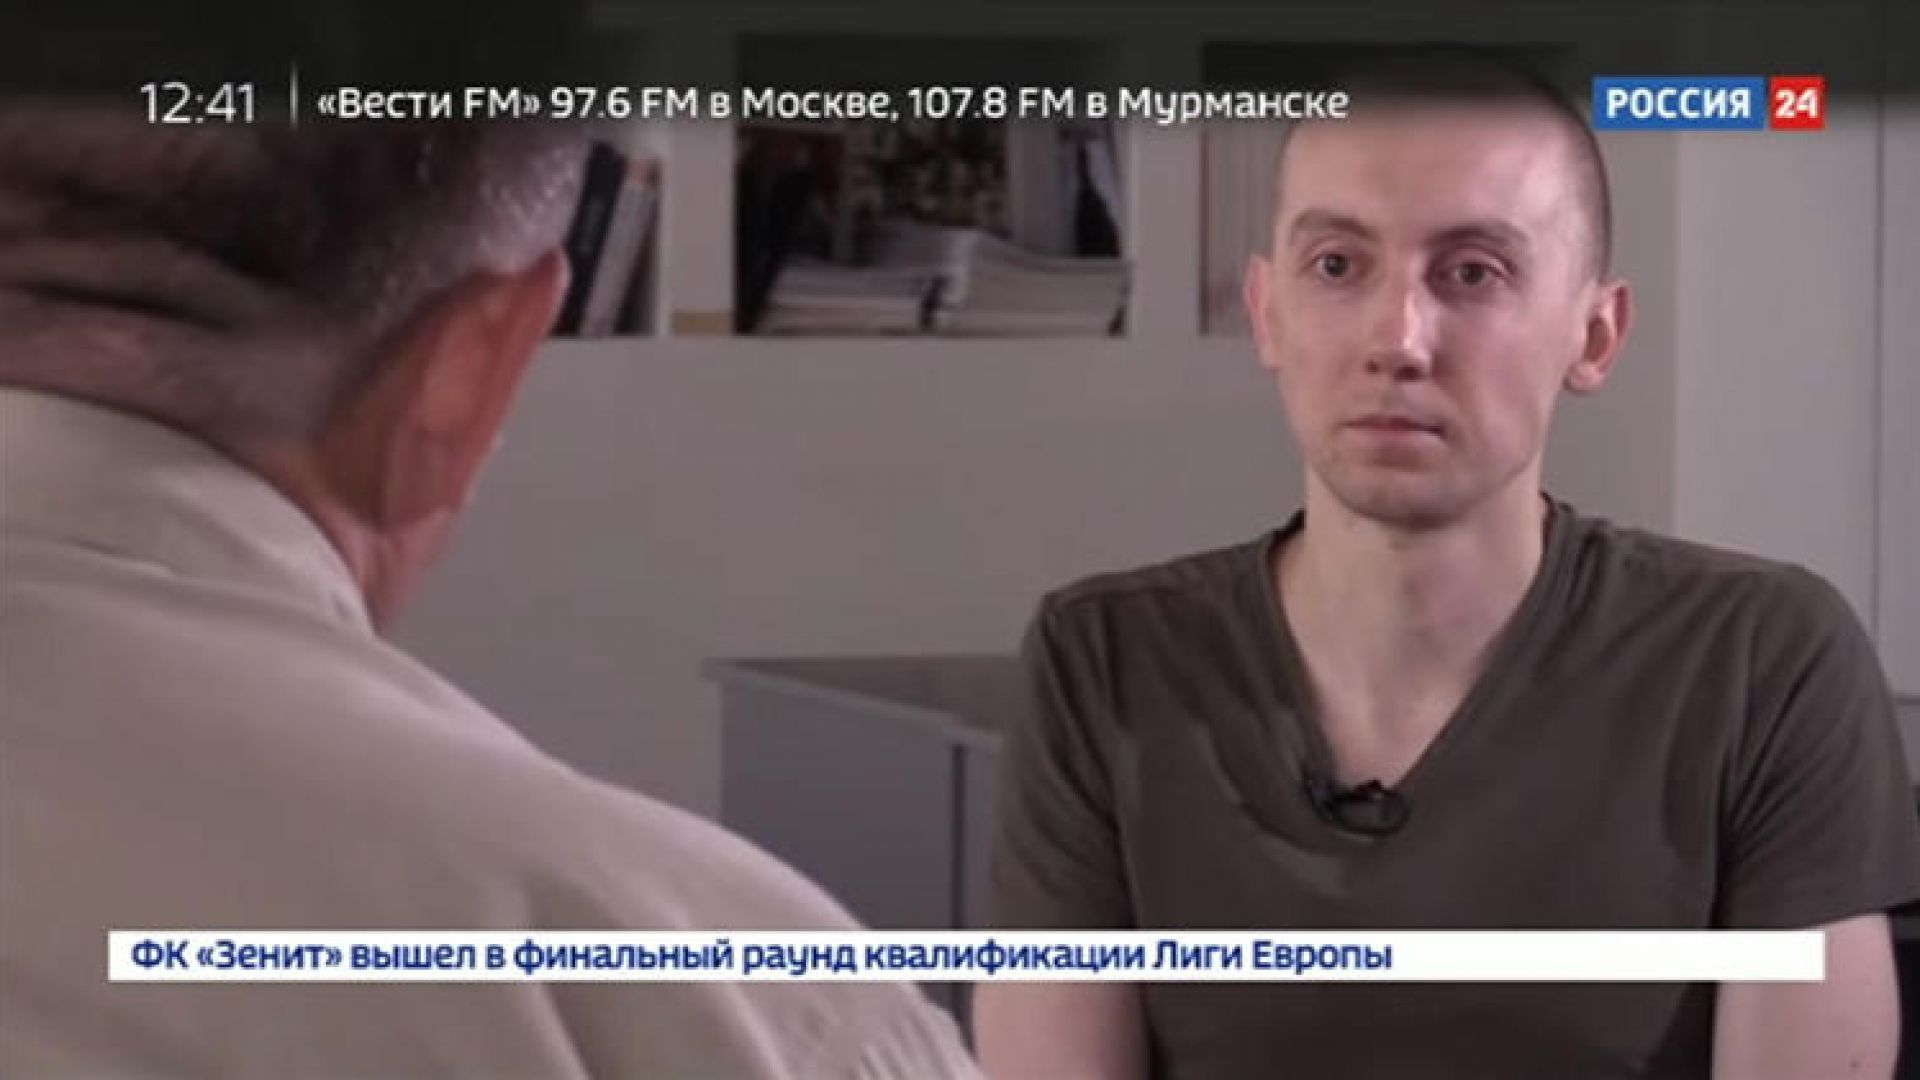 Проруските сепаратистки власти в Източна Украйна обявиха вчера, че осъждат